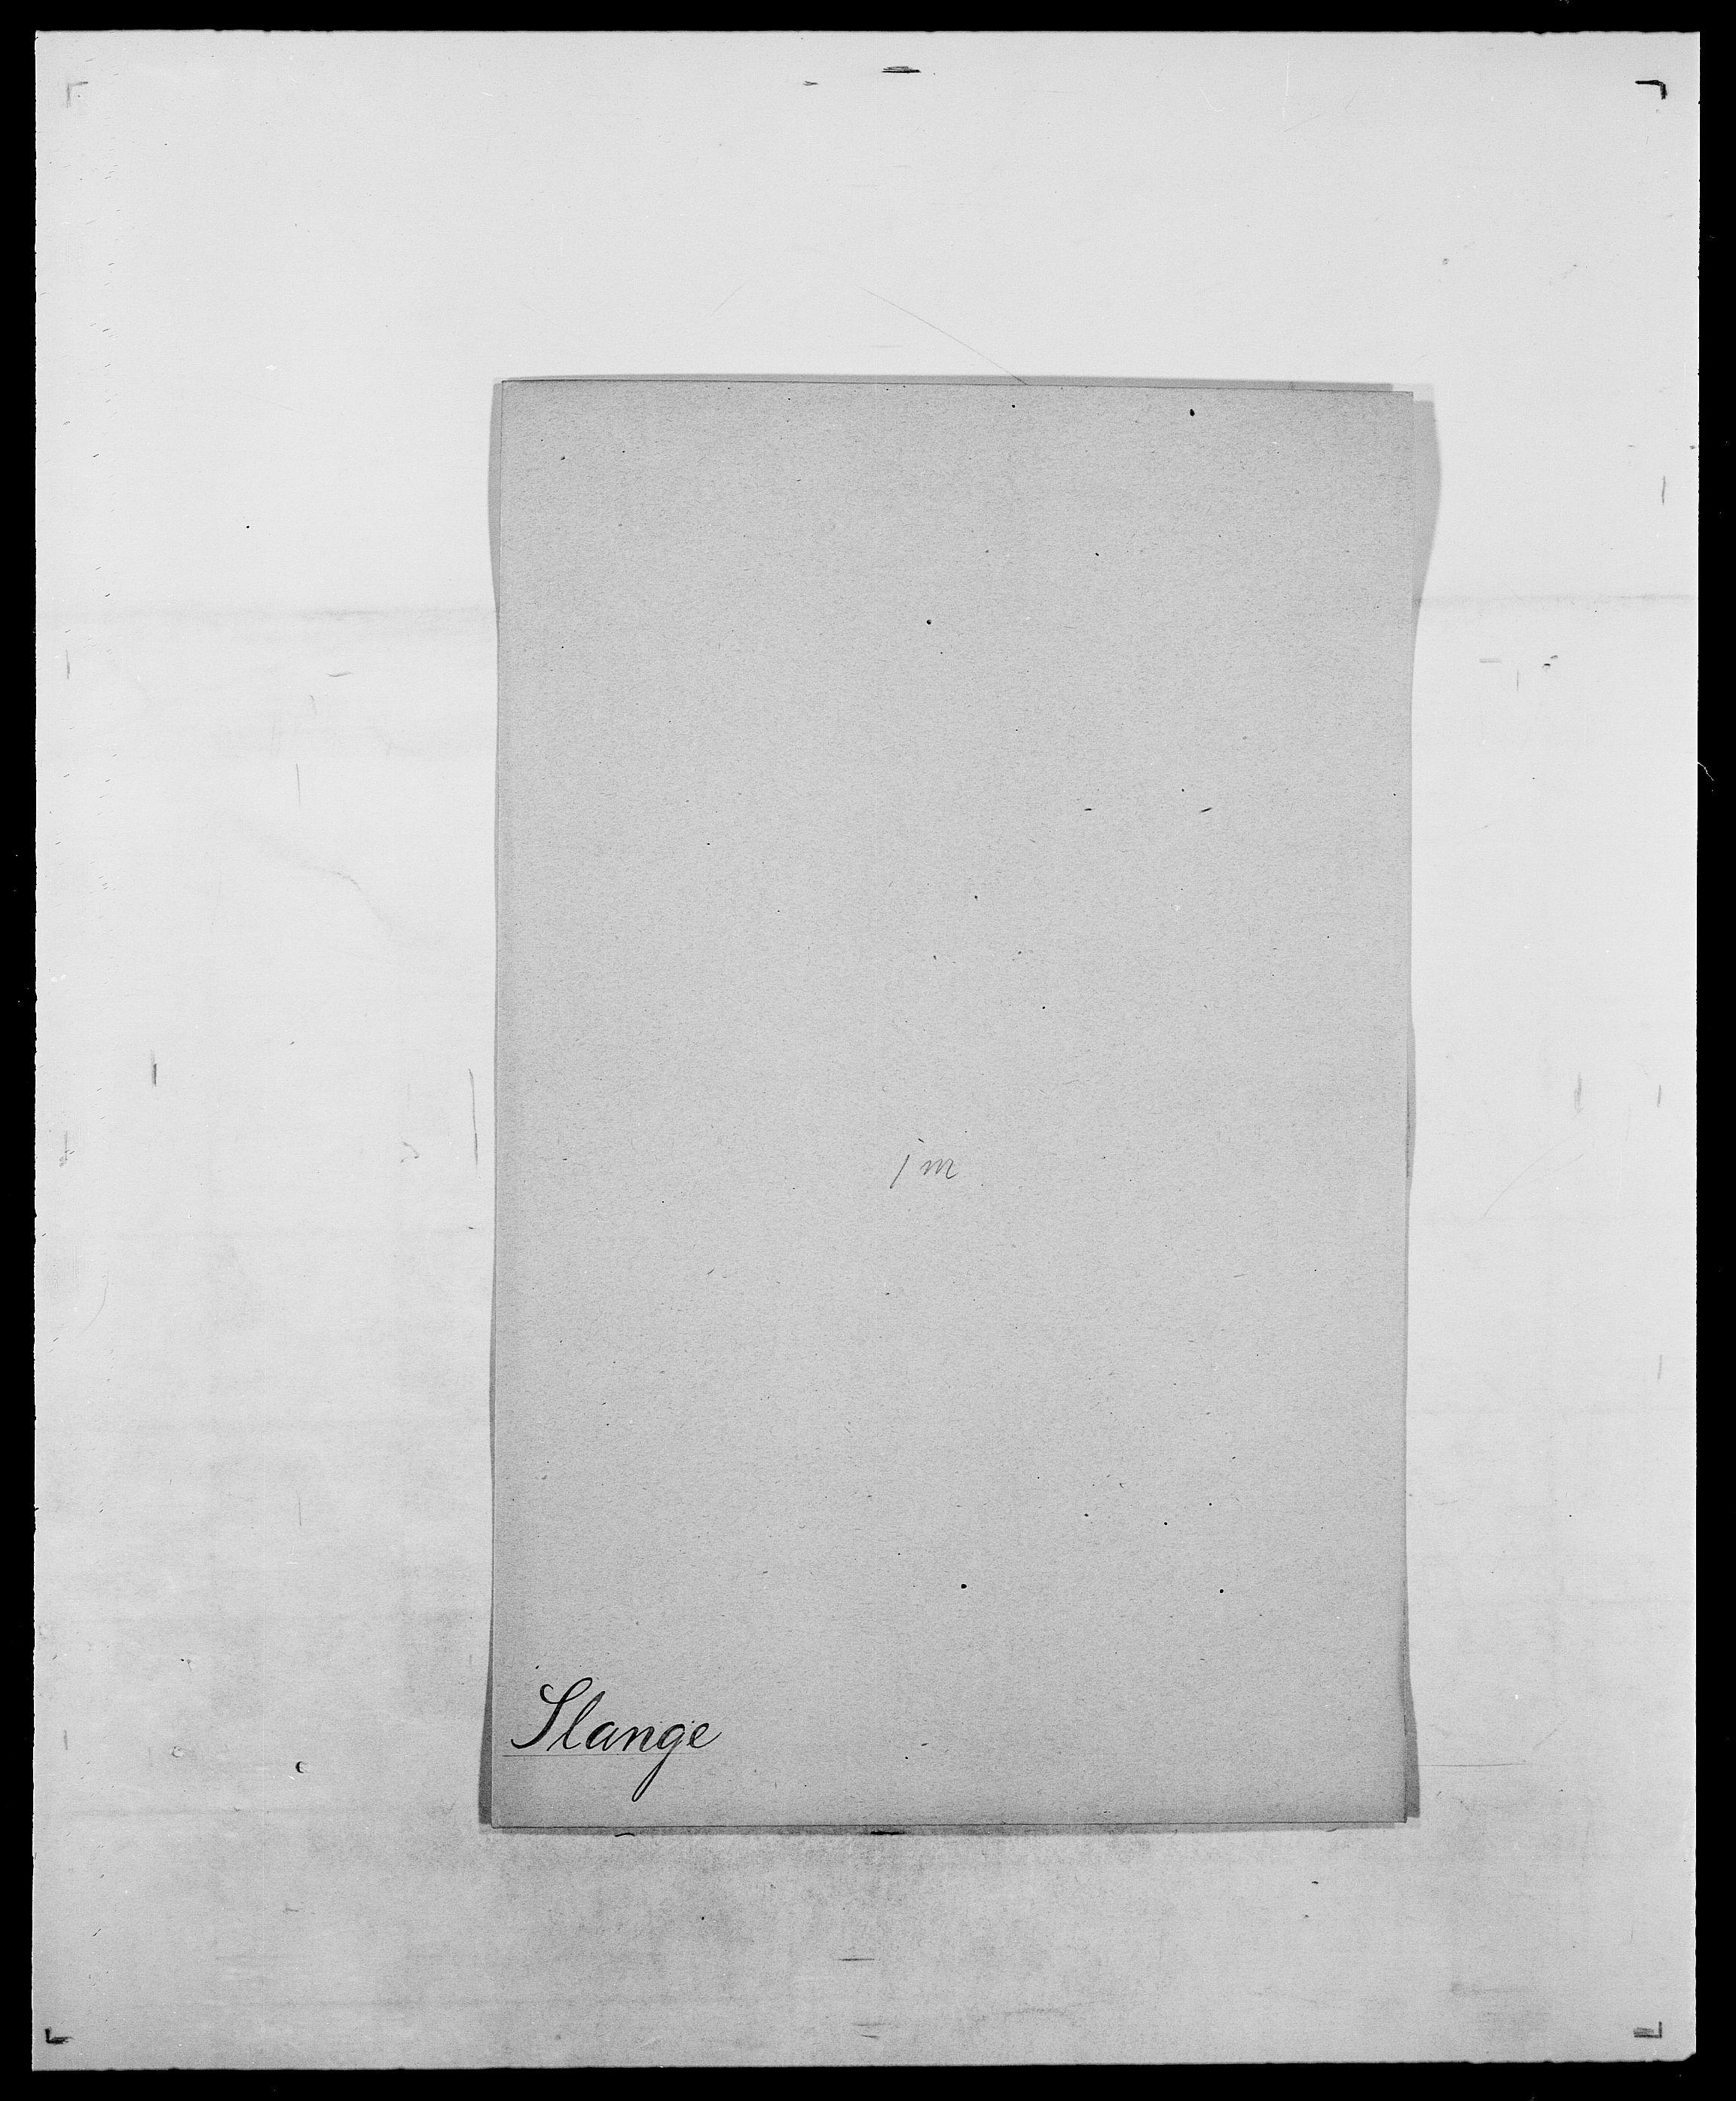 SAO, Delgobe, Charles Antoine - samling, D/Da/L0036: Skaanør - Staverskov, s. 78